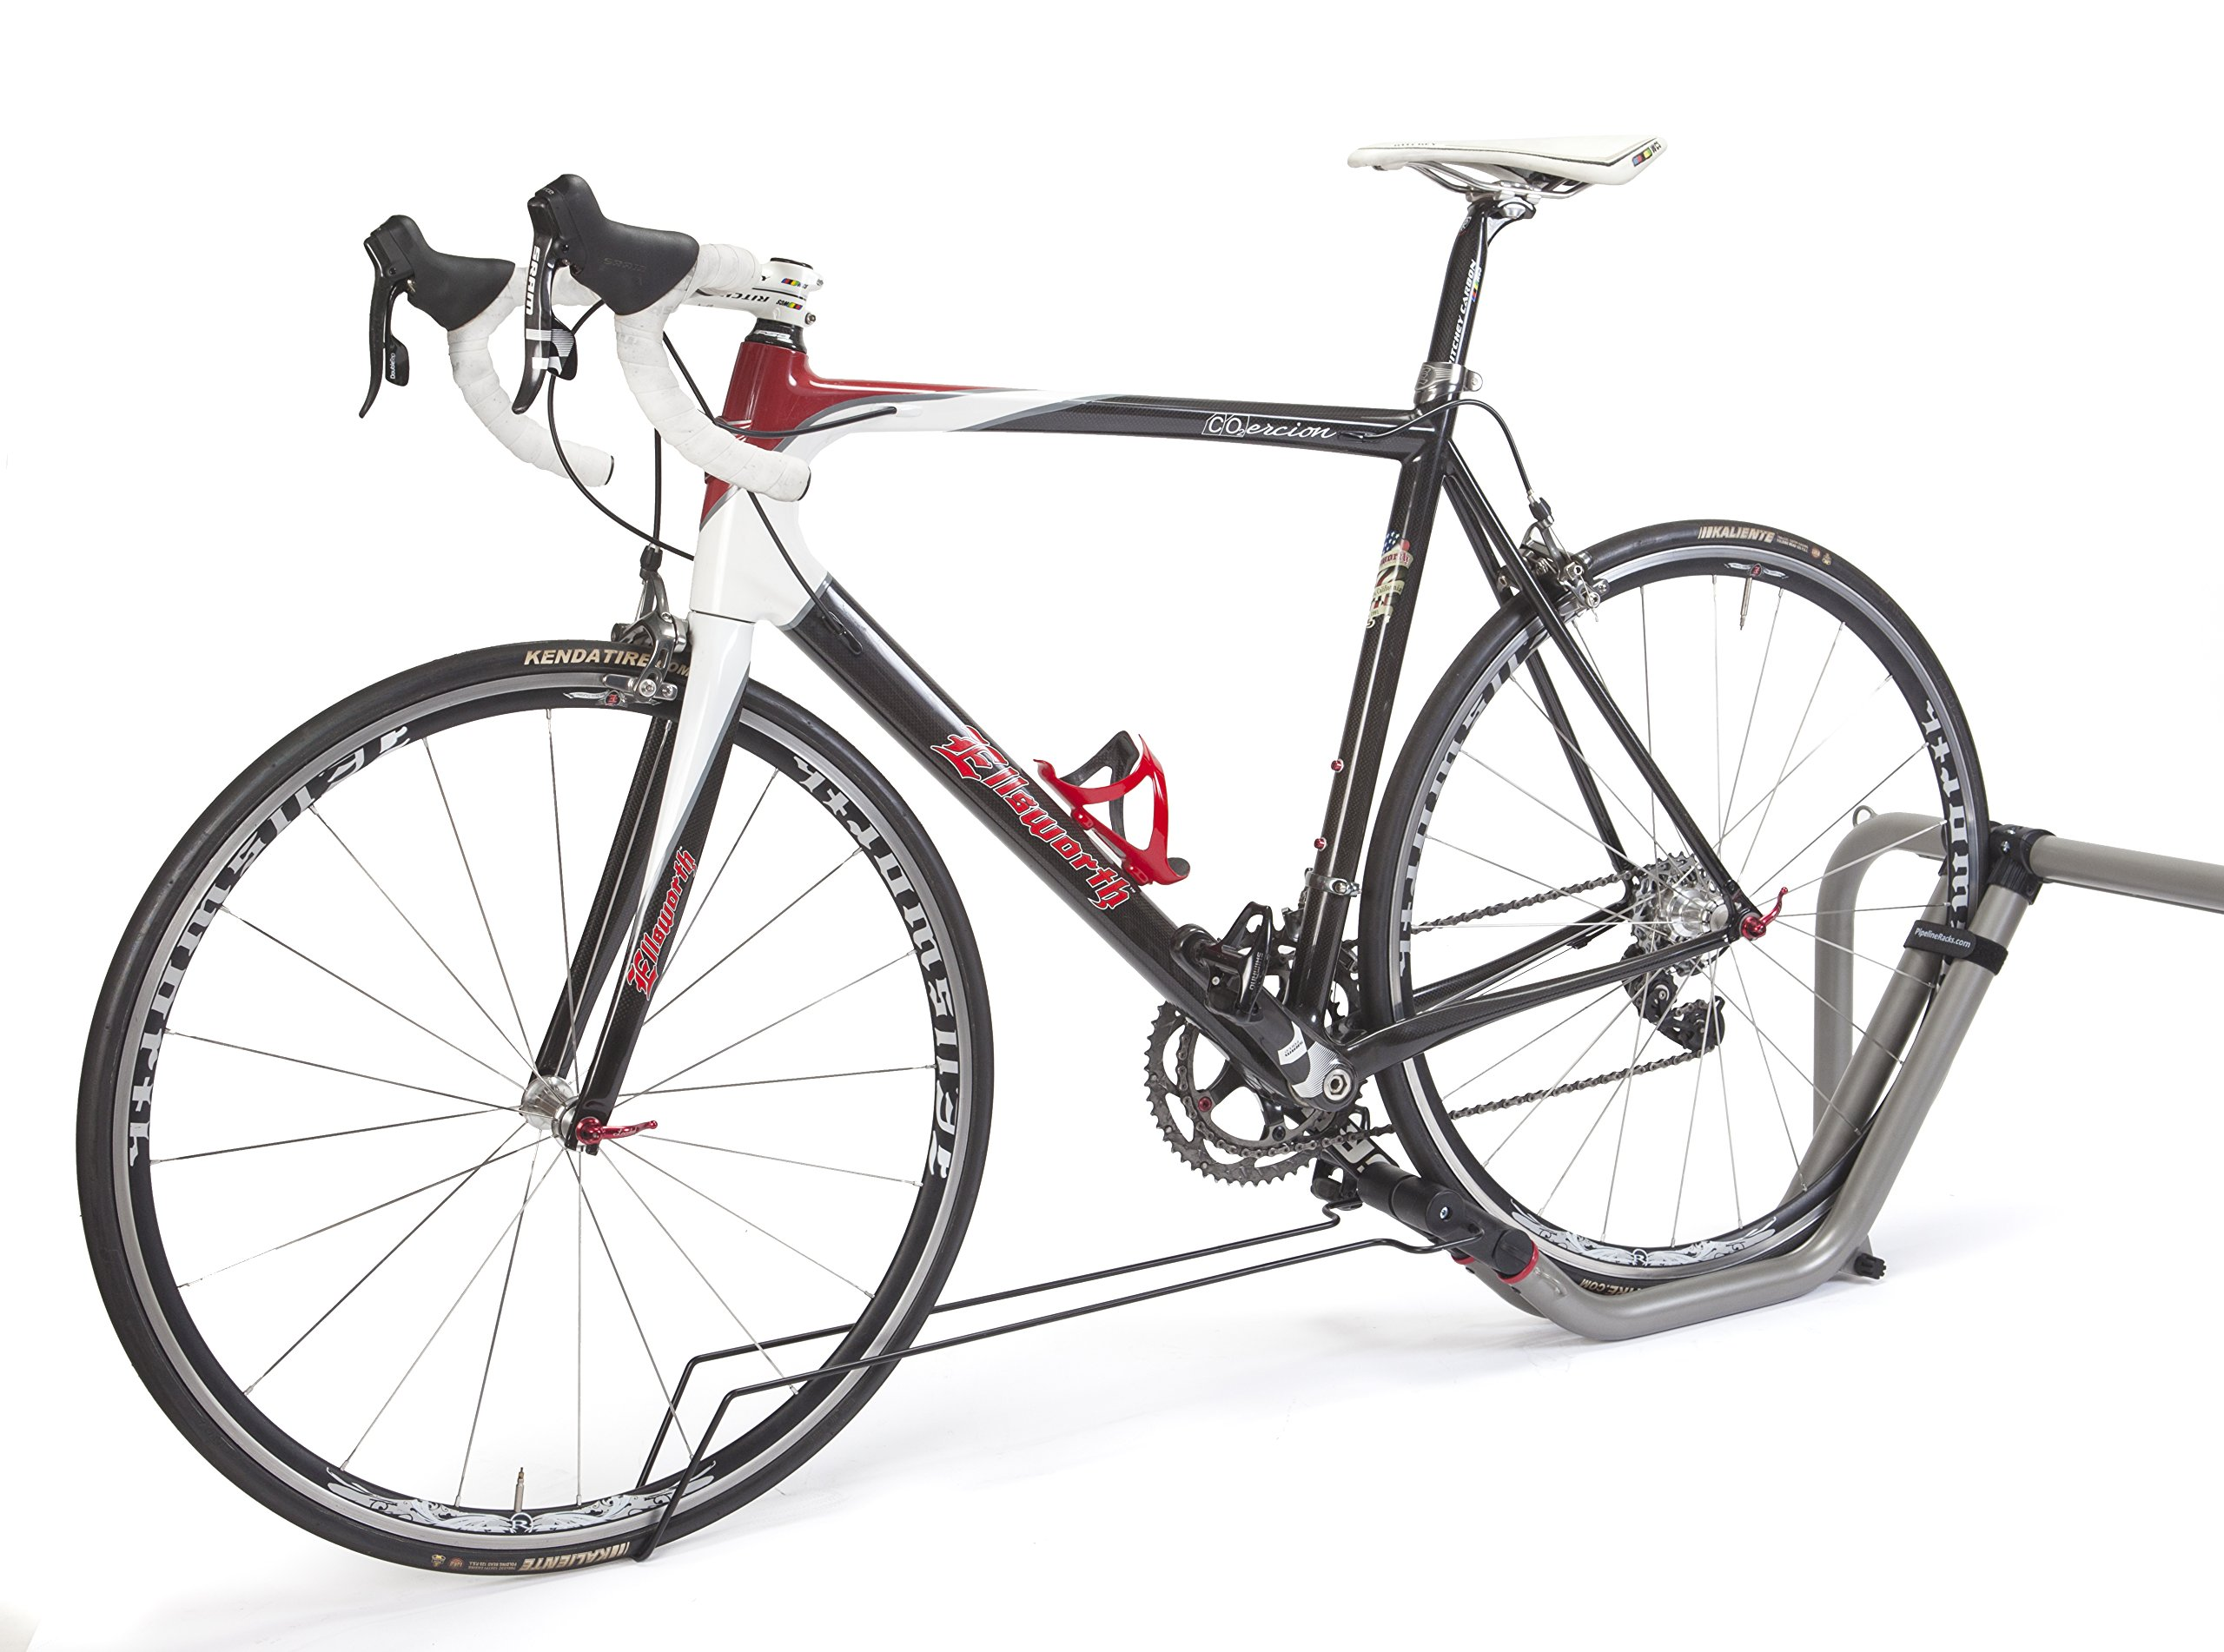 Truck Bed Bike Rack - Holds 3 Bikes (Compact Trucks)